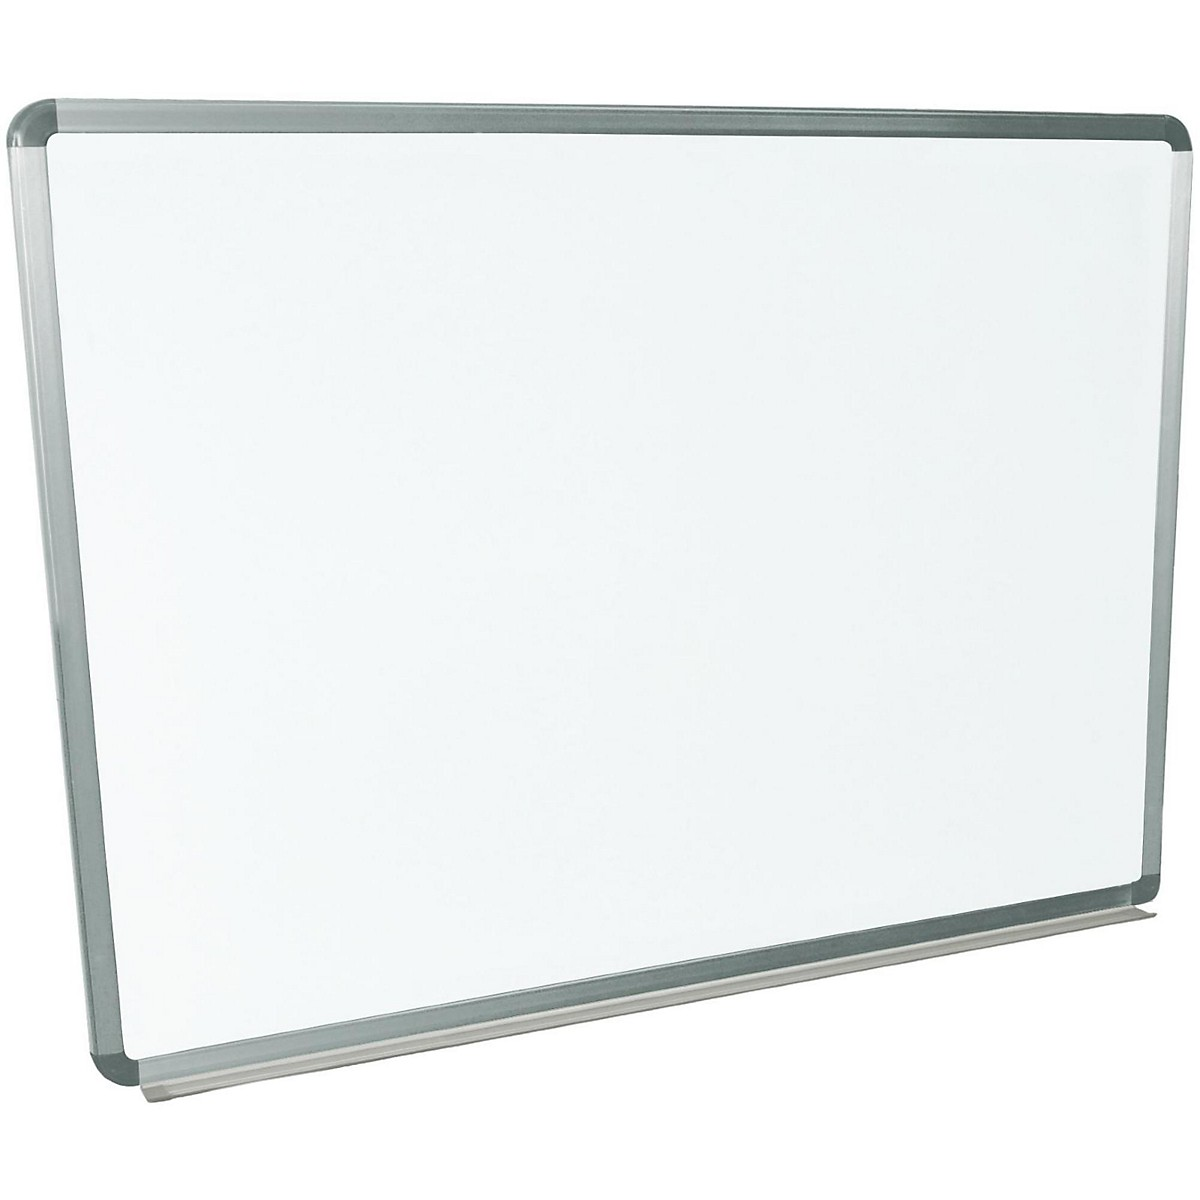 H. Wilson Wall Mount White Board